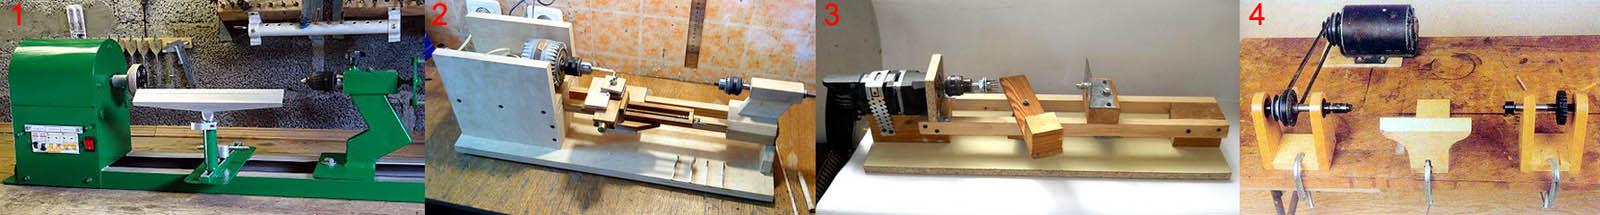 Самодельные токарные станки по дереву из различных материалов